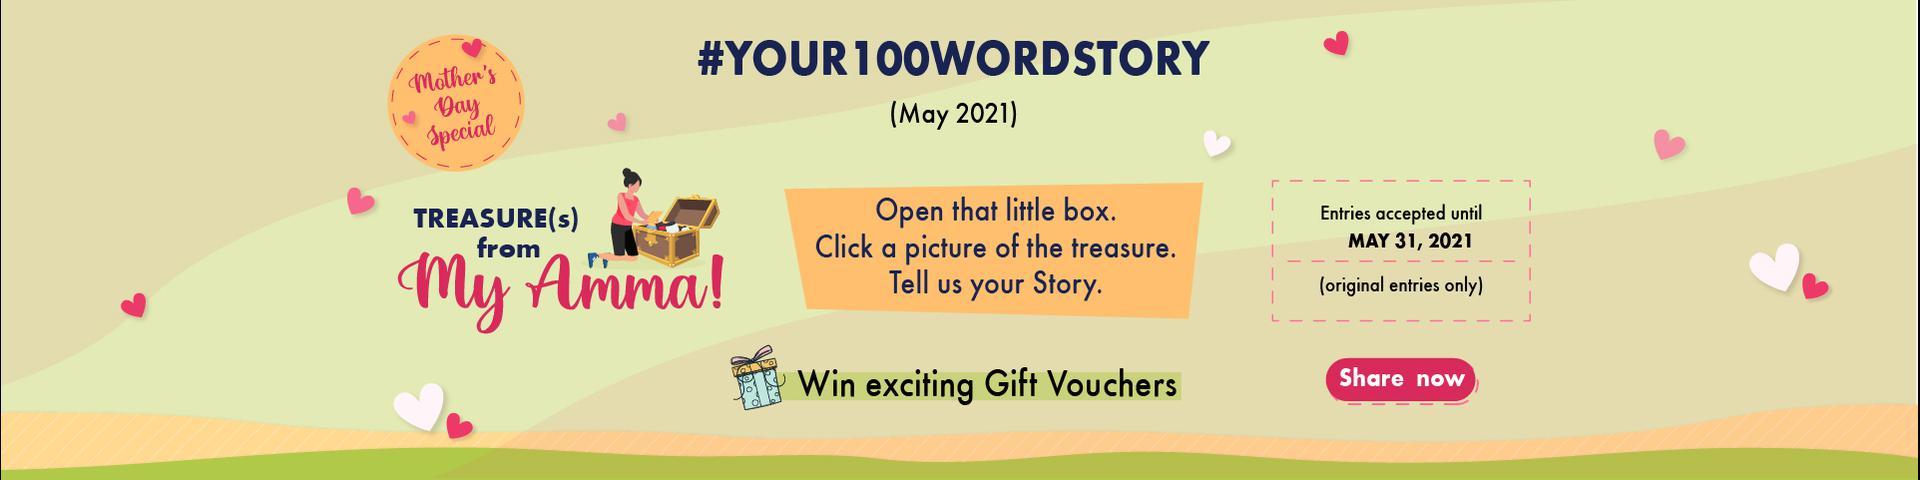 YOUR100WordStory